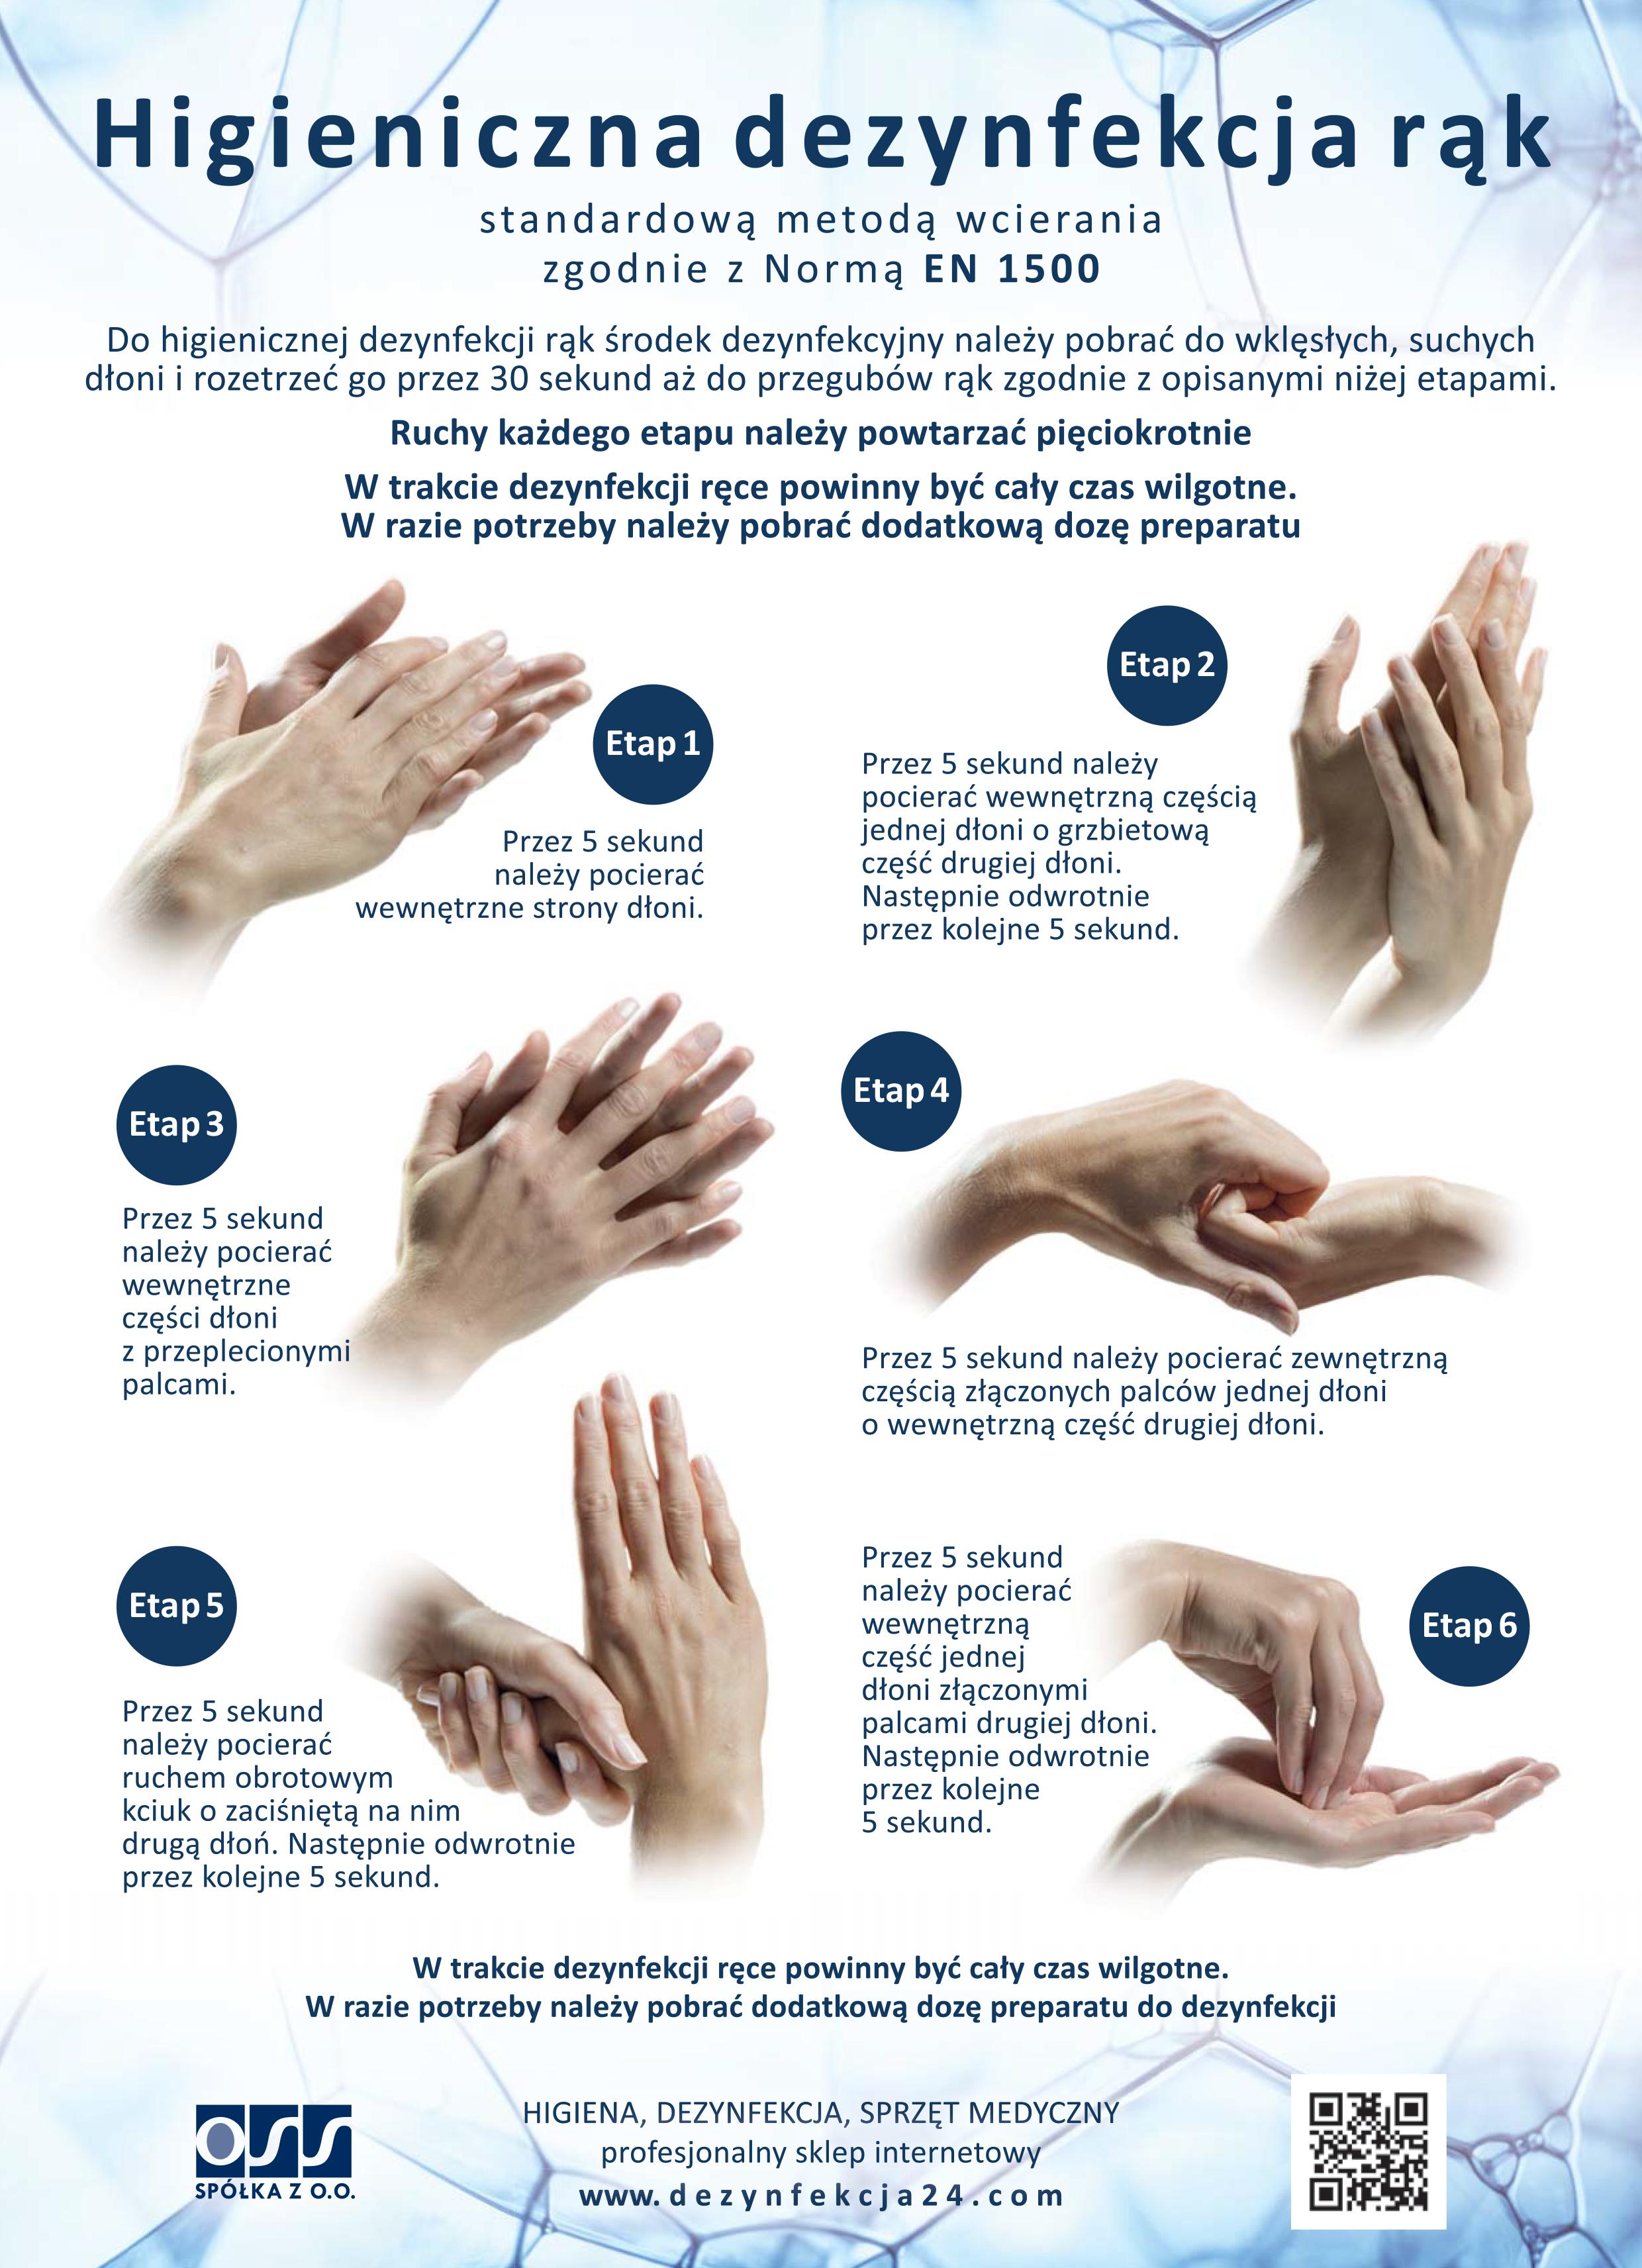 Instrukcja dezynfekcji rąk wg. EN 1500